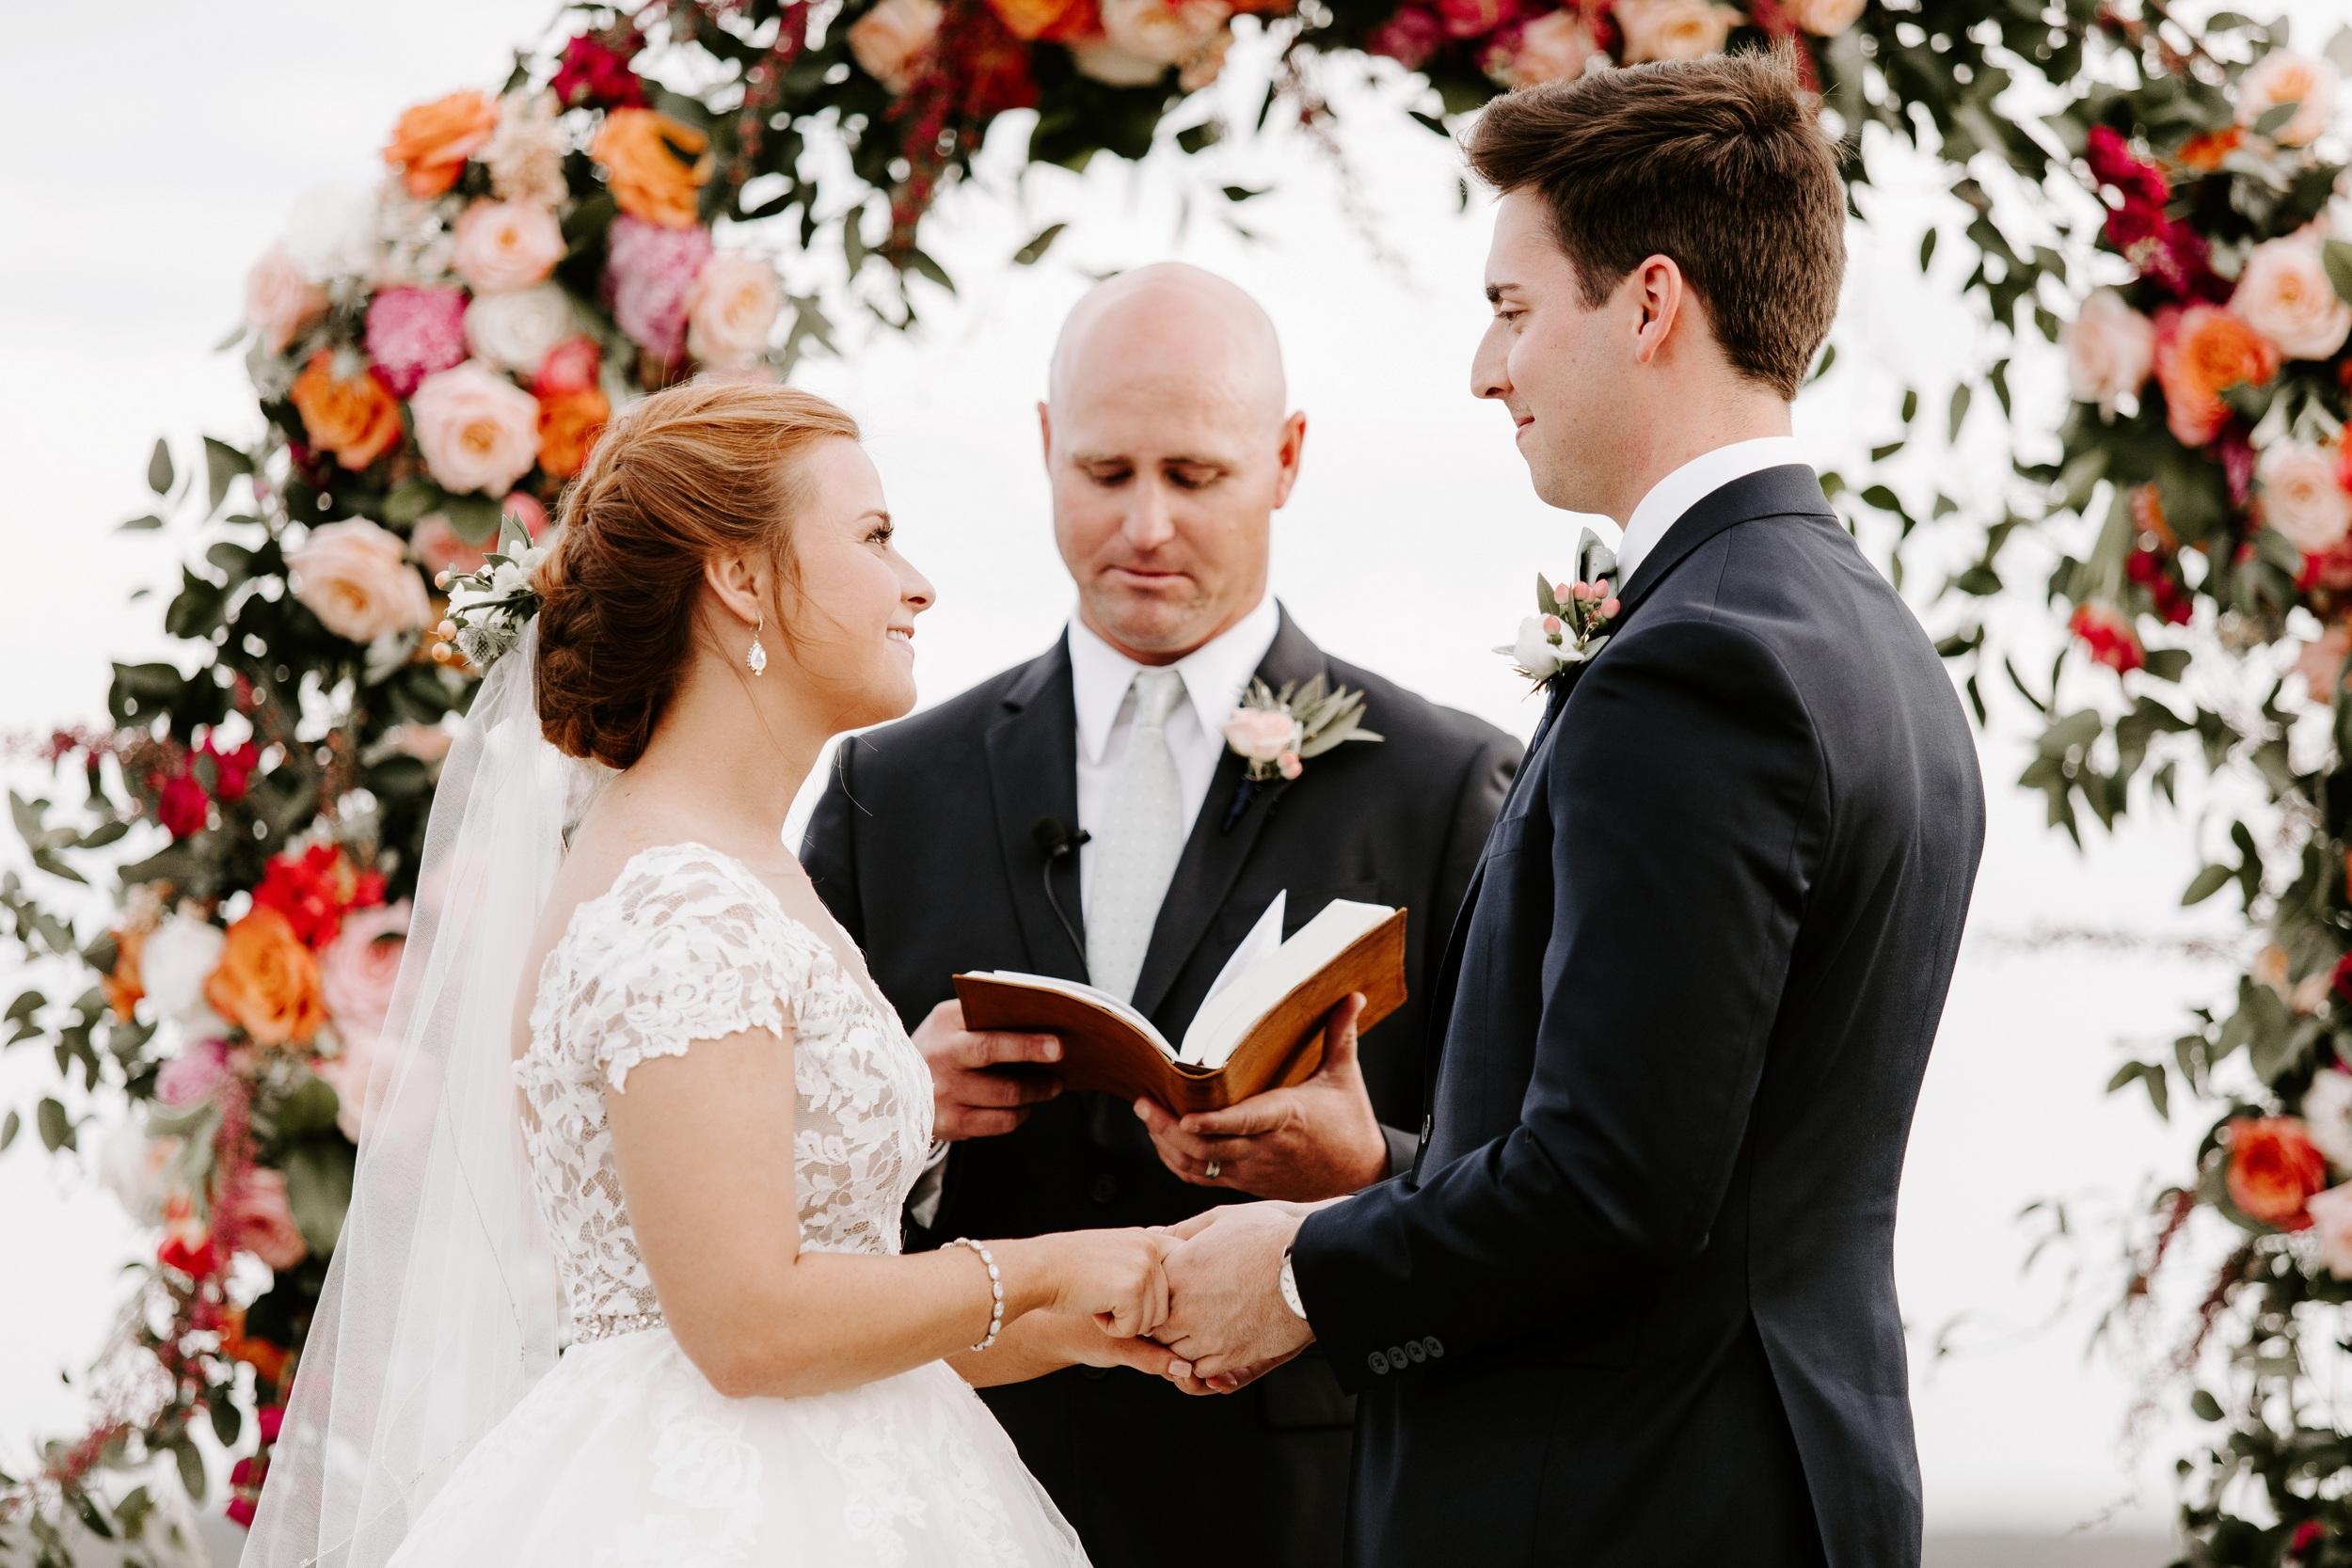 1-MADDY + PATRICK WEDDING_HALEY RYNN RINGO_rent my dust_c (102).jpg